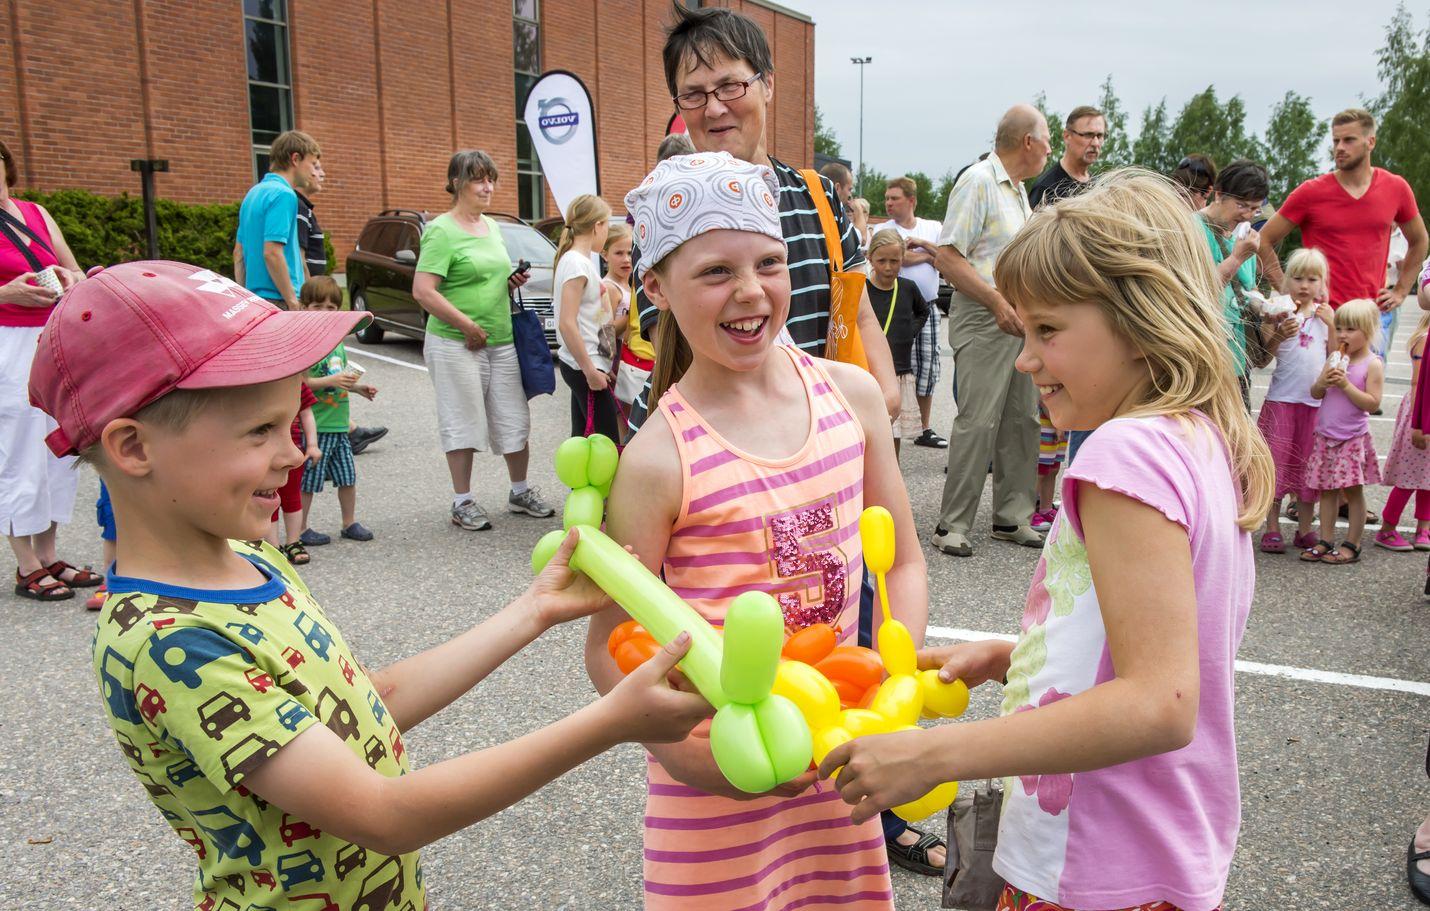 Ilmapallohahmot saivat hymyn lasten huulille Marva Median avoimien ovien -tapahtumassa vuonna 2014. Kuva: LS-arkisto/Pekka Lehmuskallio